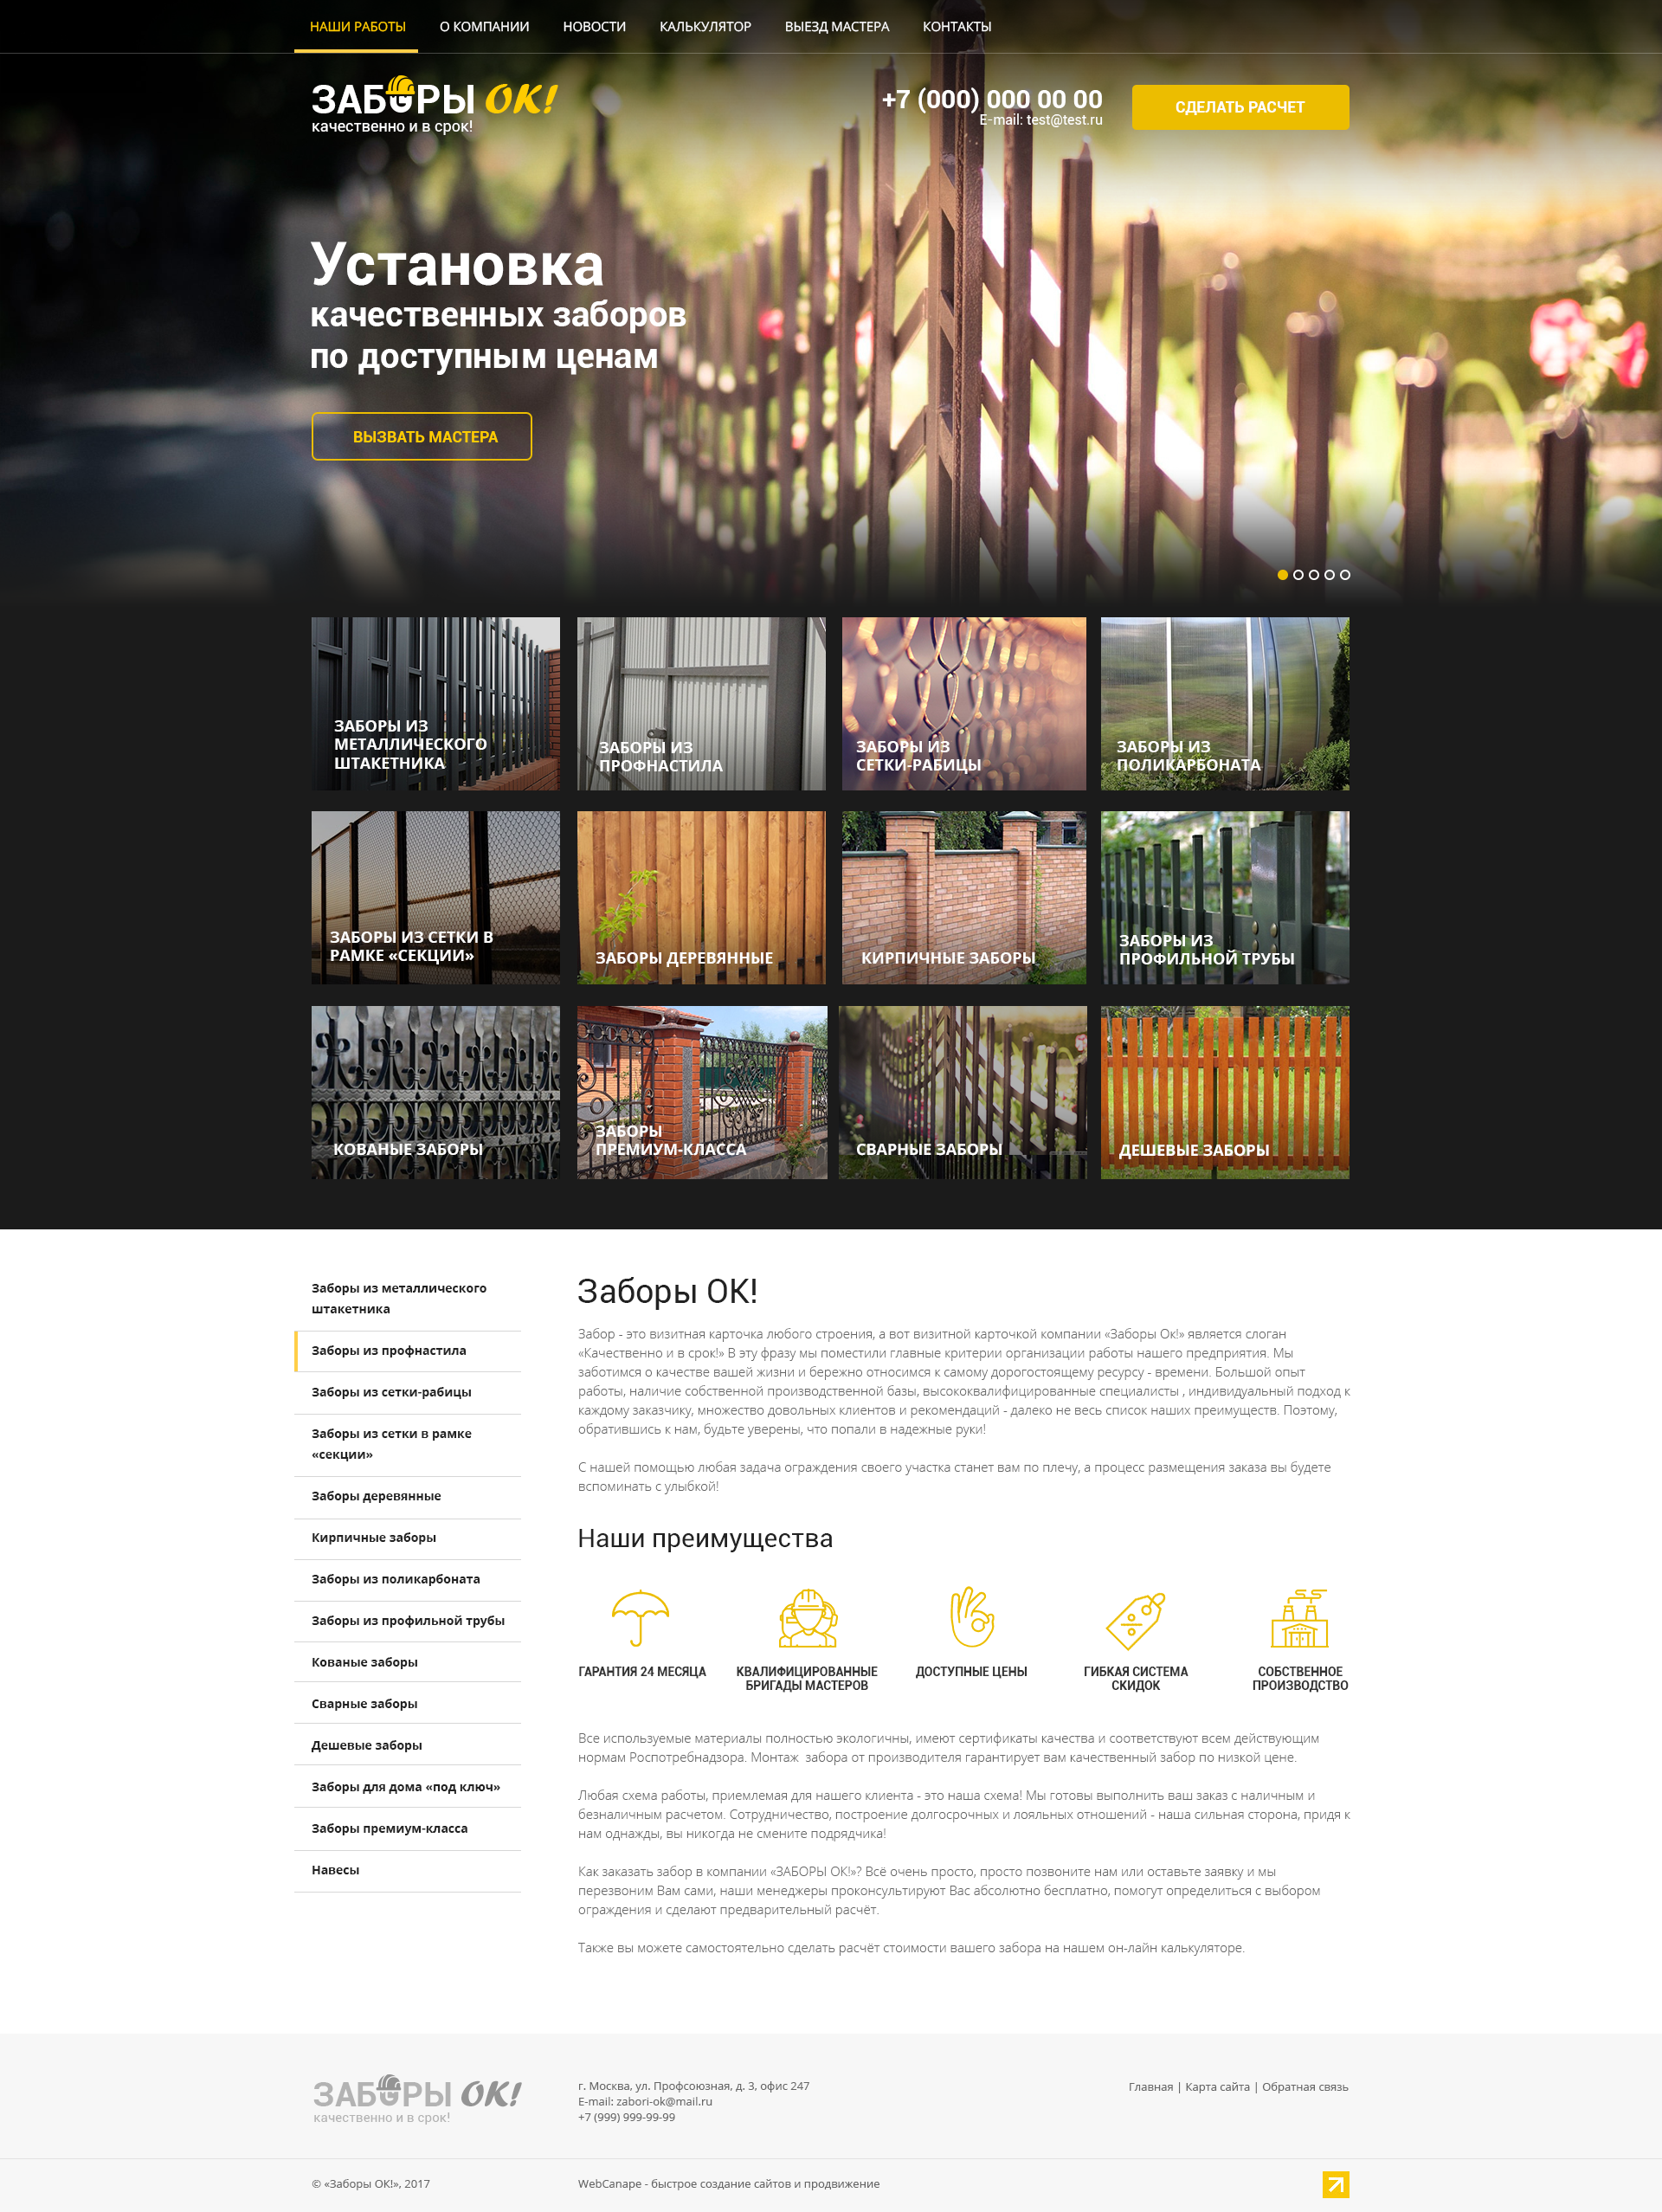 Разработка сайта по продаже и строительству заборов